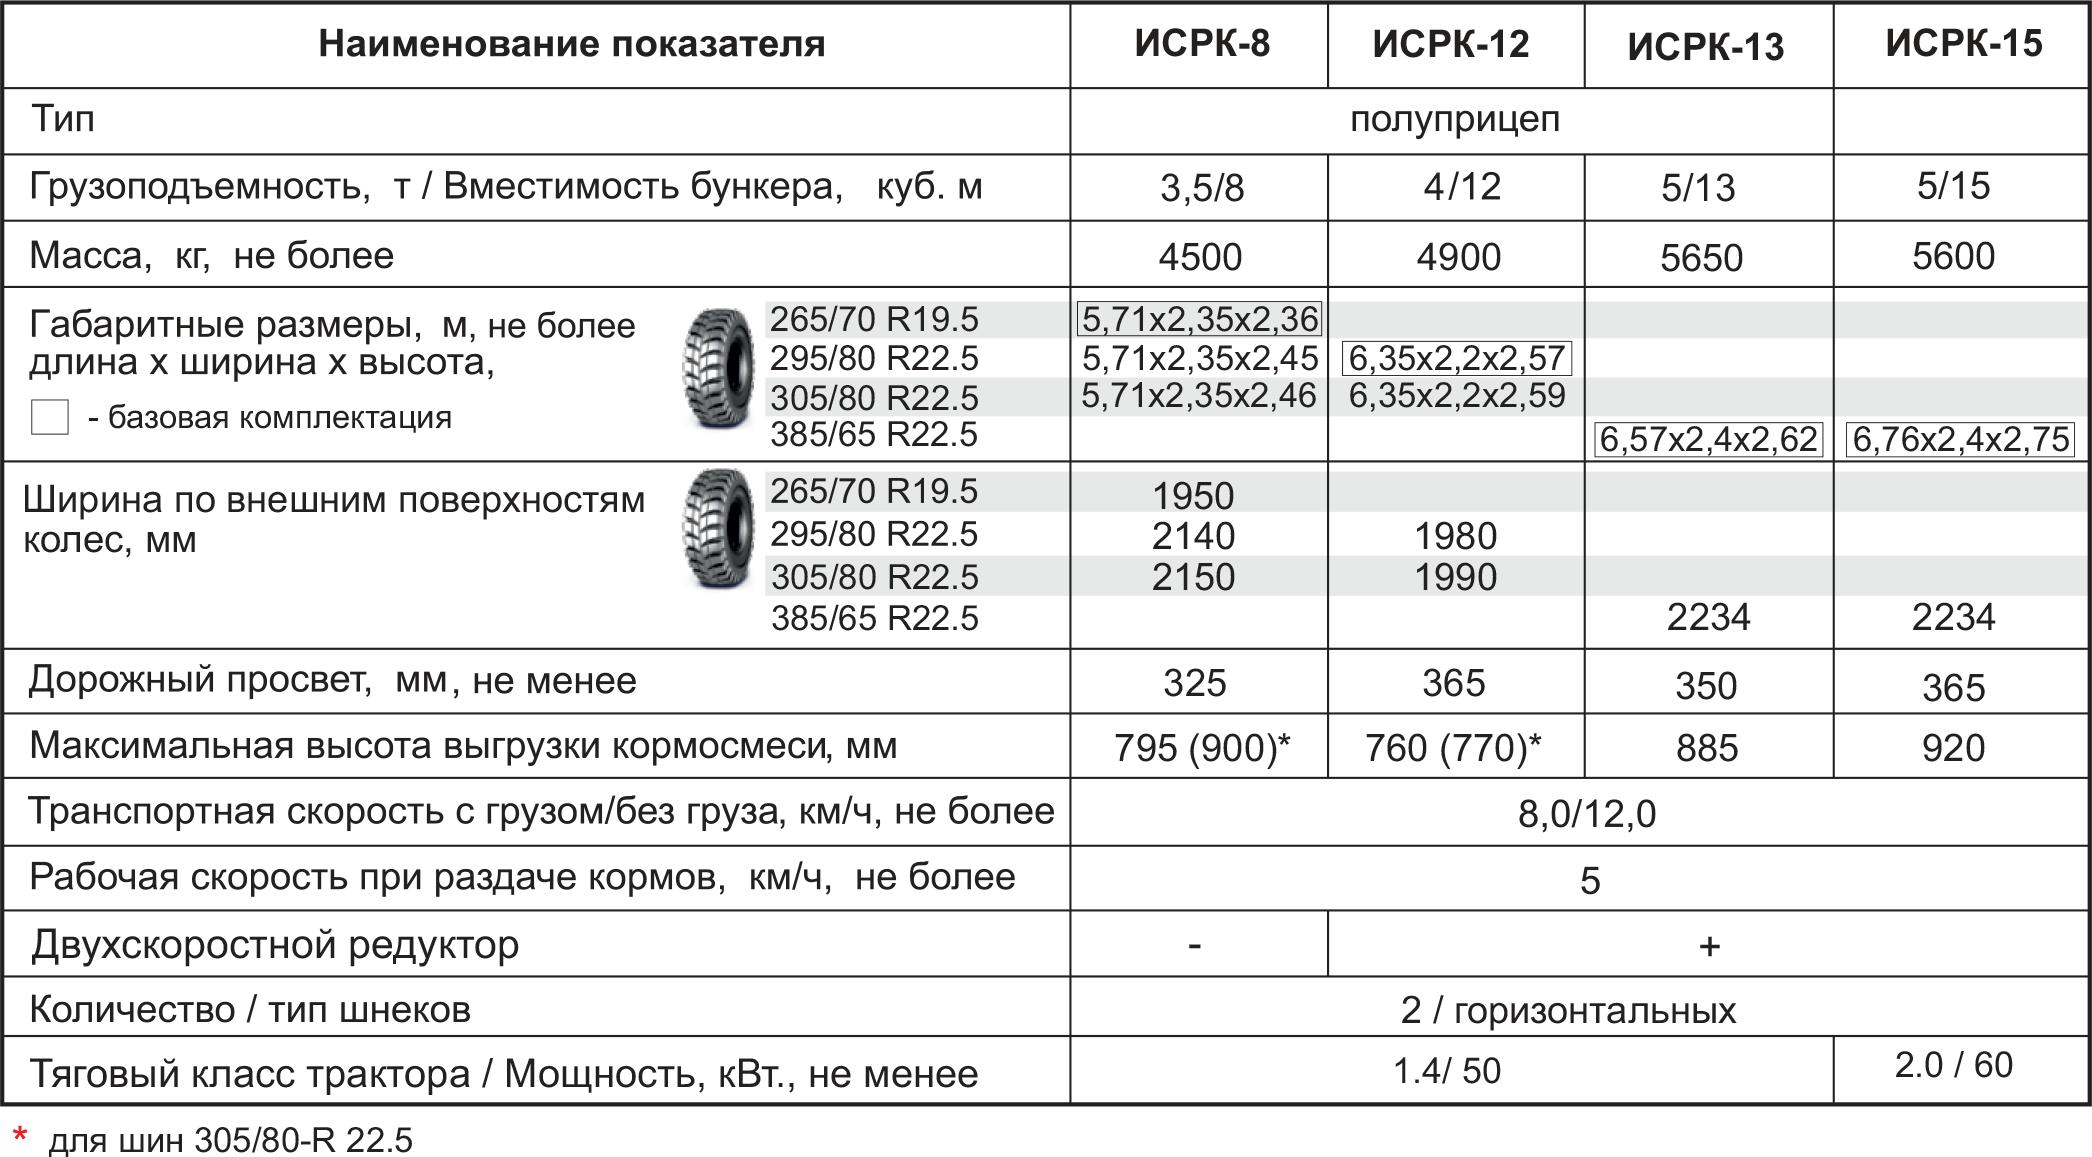 ИСРК-8, 12, 13, 15  bez-nazvaniya-2